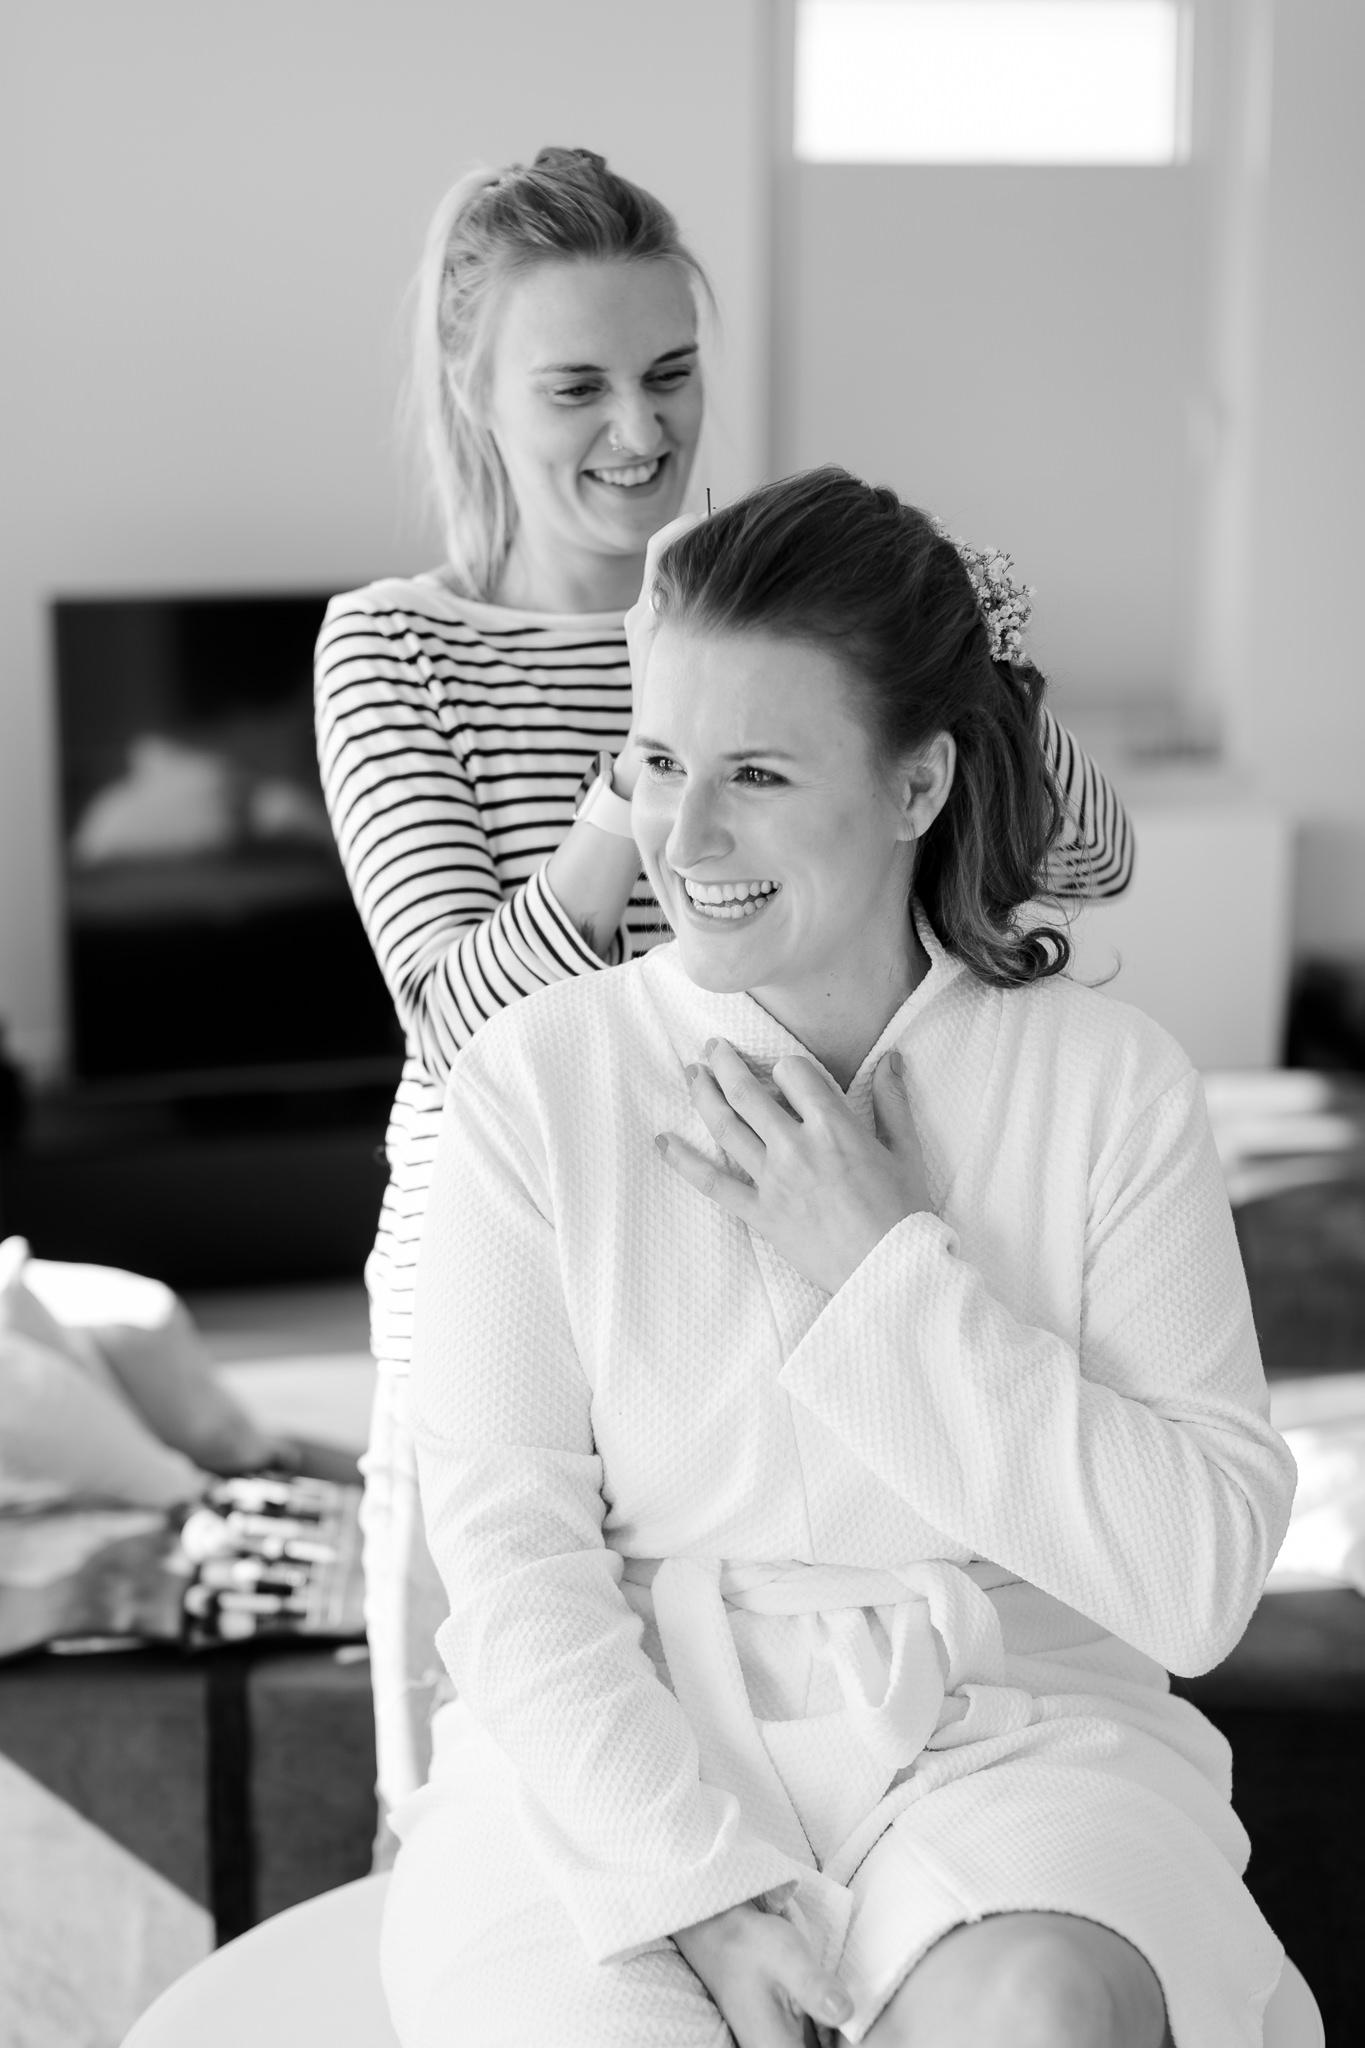 Getting Ready der Braut - die Vorfreude steht ihr ins Gesicht geschrieben